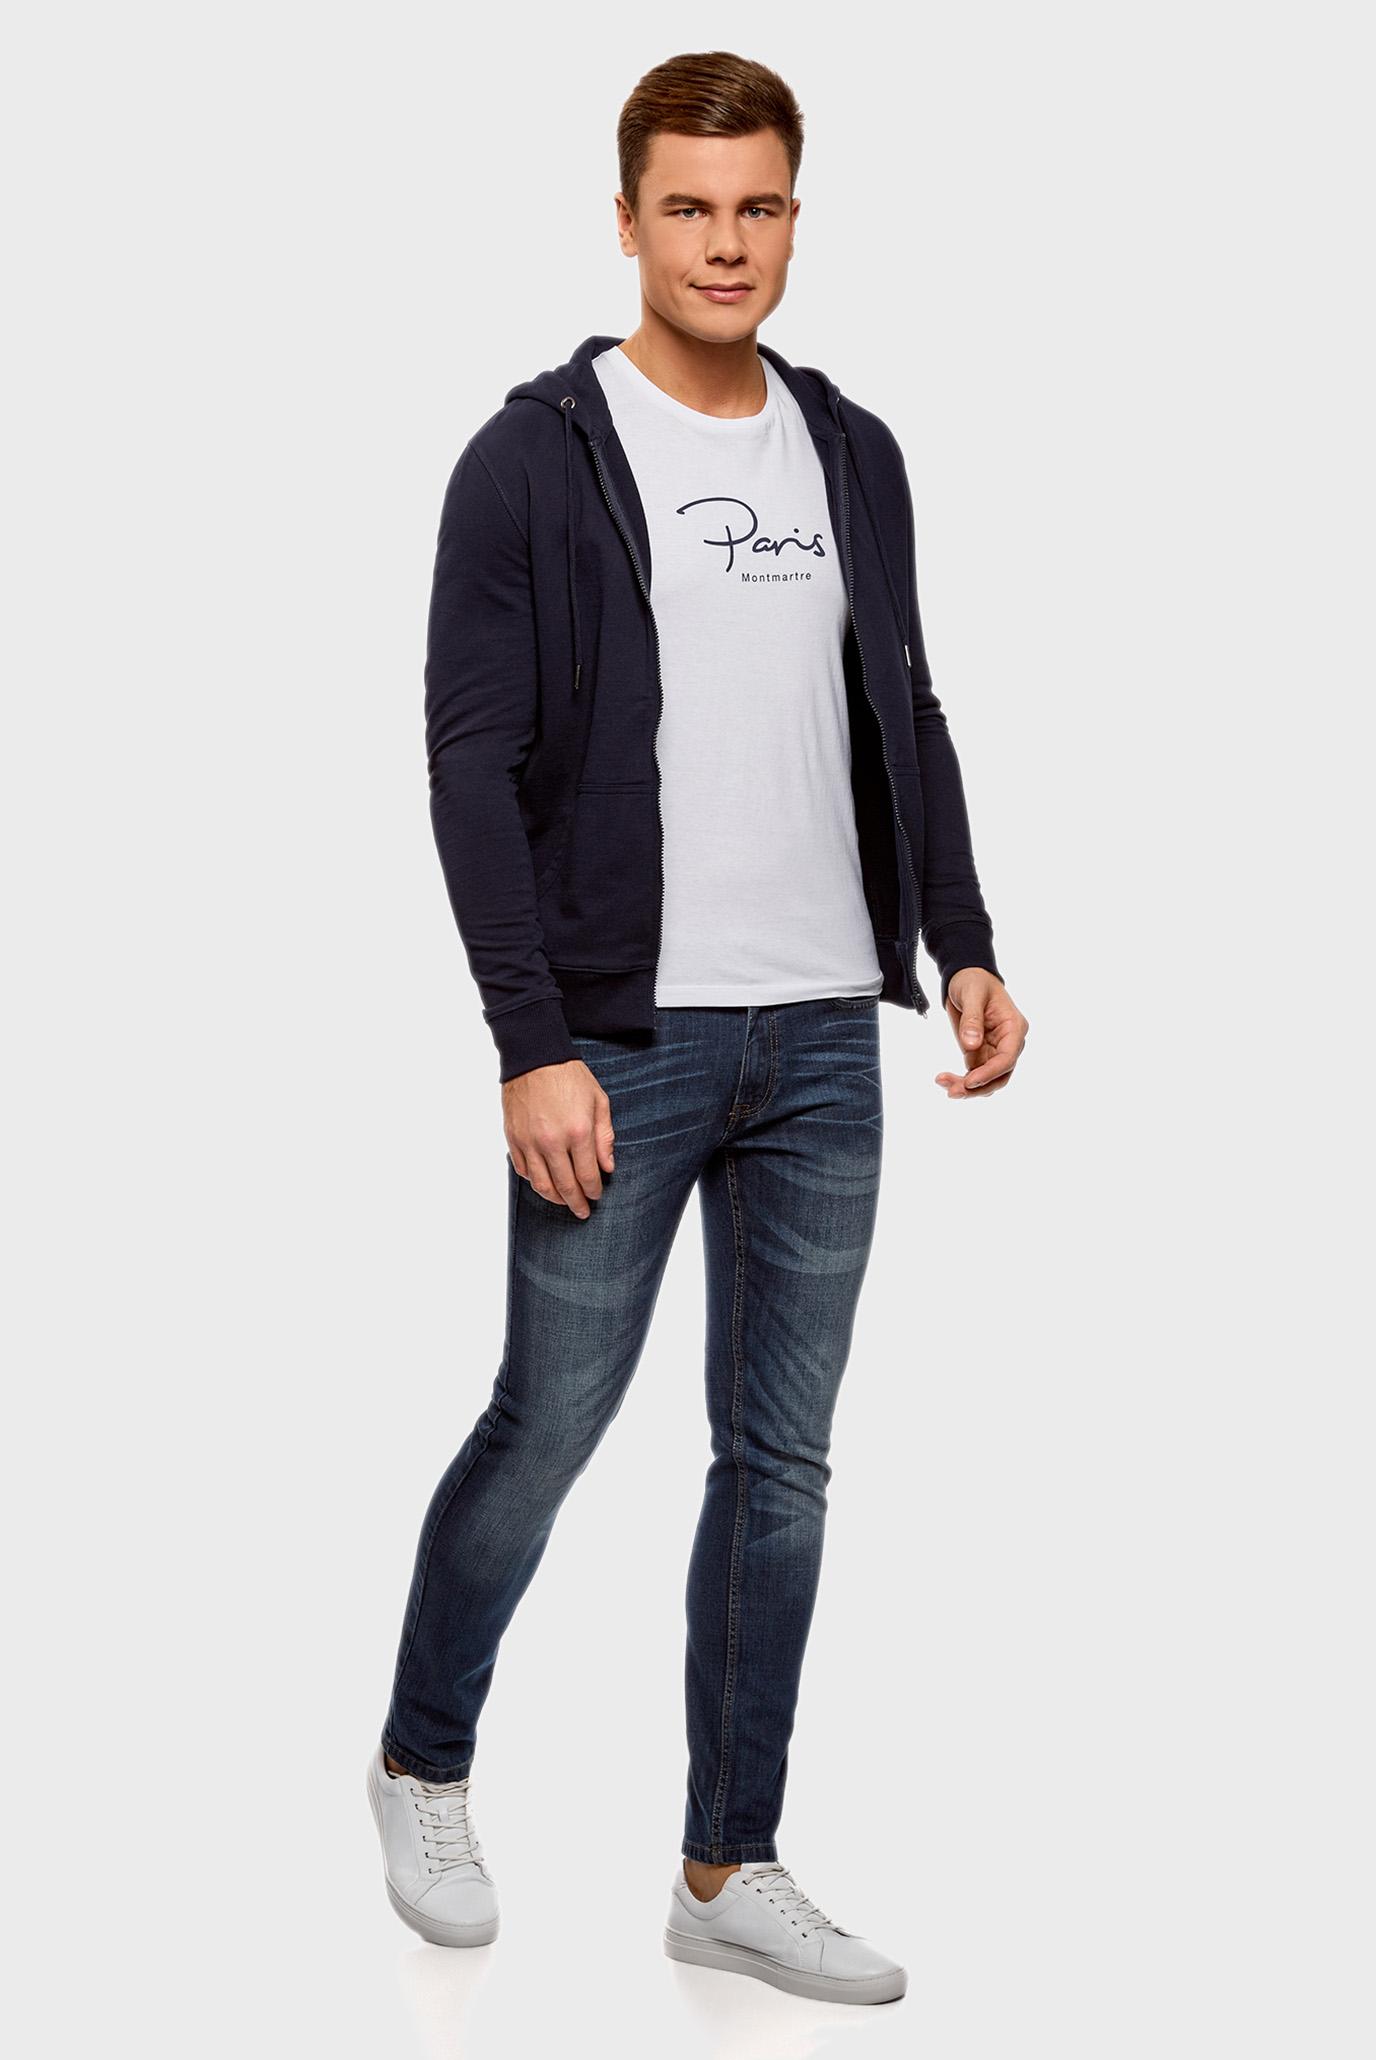 Купить Мужские синие джинсы Oodji Oodji 6L120128M/45068/7500W – Киев, Украина. Цены в интернет магазине MD Fashion